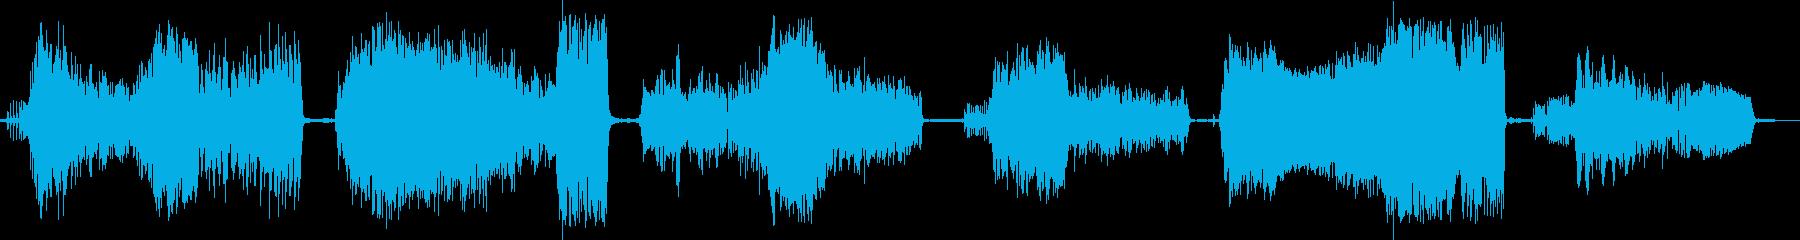 イノシシ、野生のうなり声、うなり声...の再生済みの波形